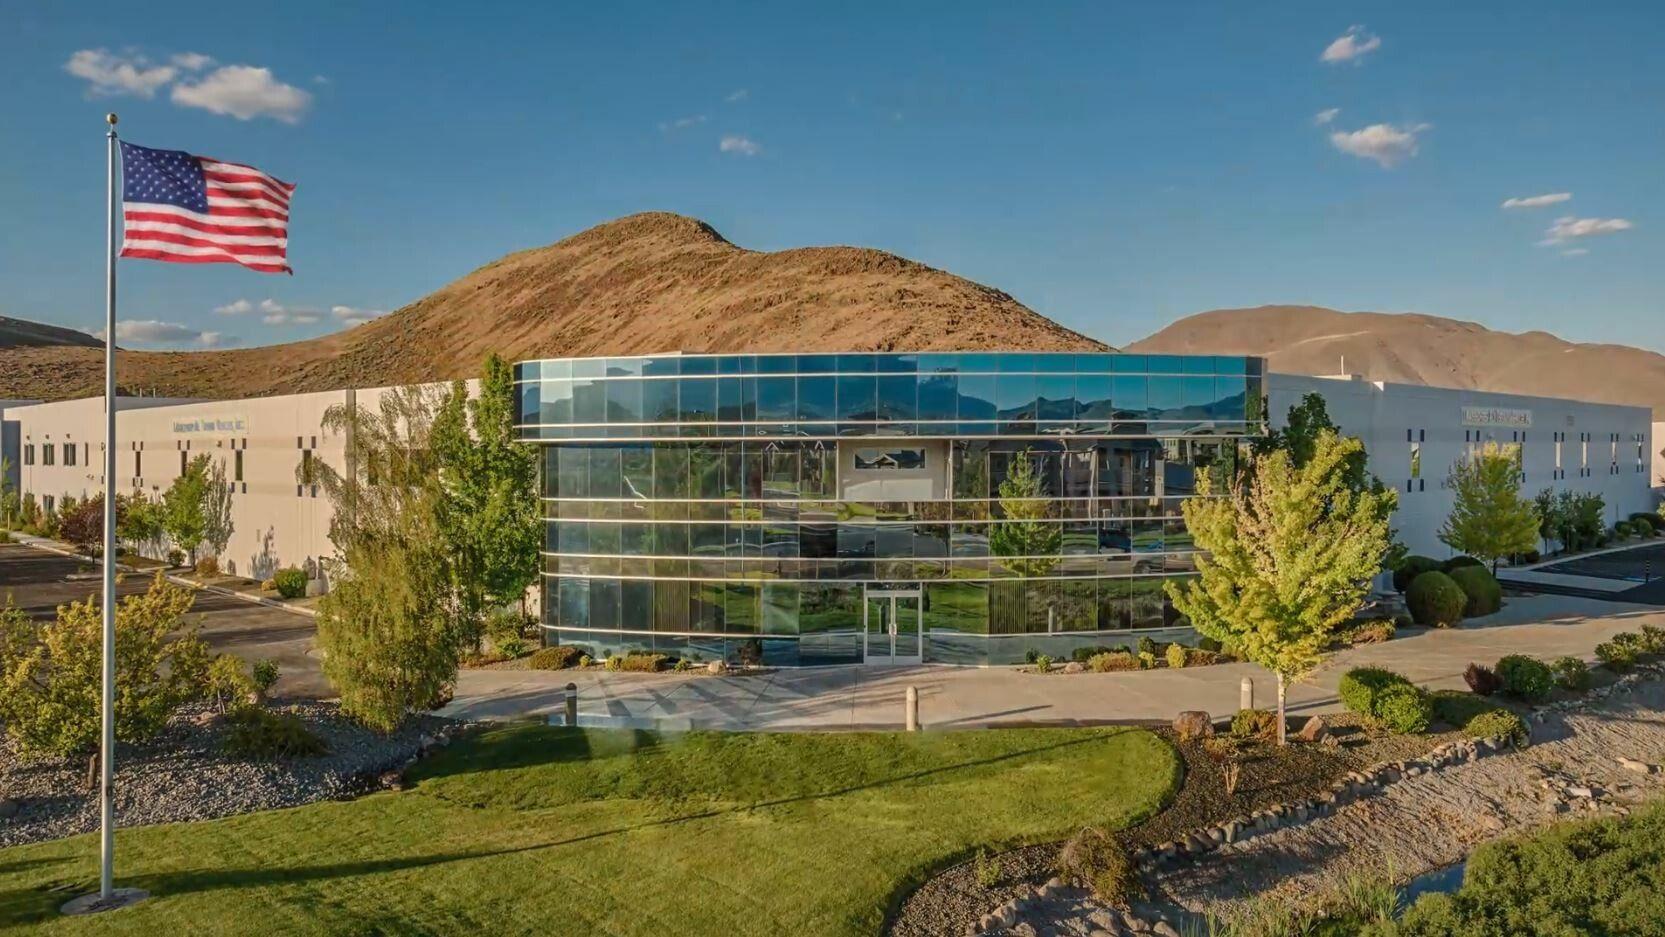 Der Standort der Kässbohrer All Terrain Vehicles Inc. in Reno